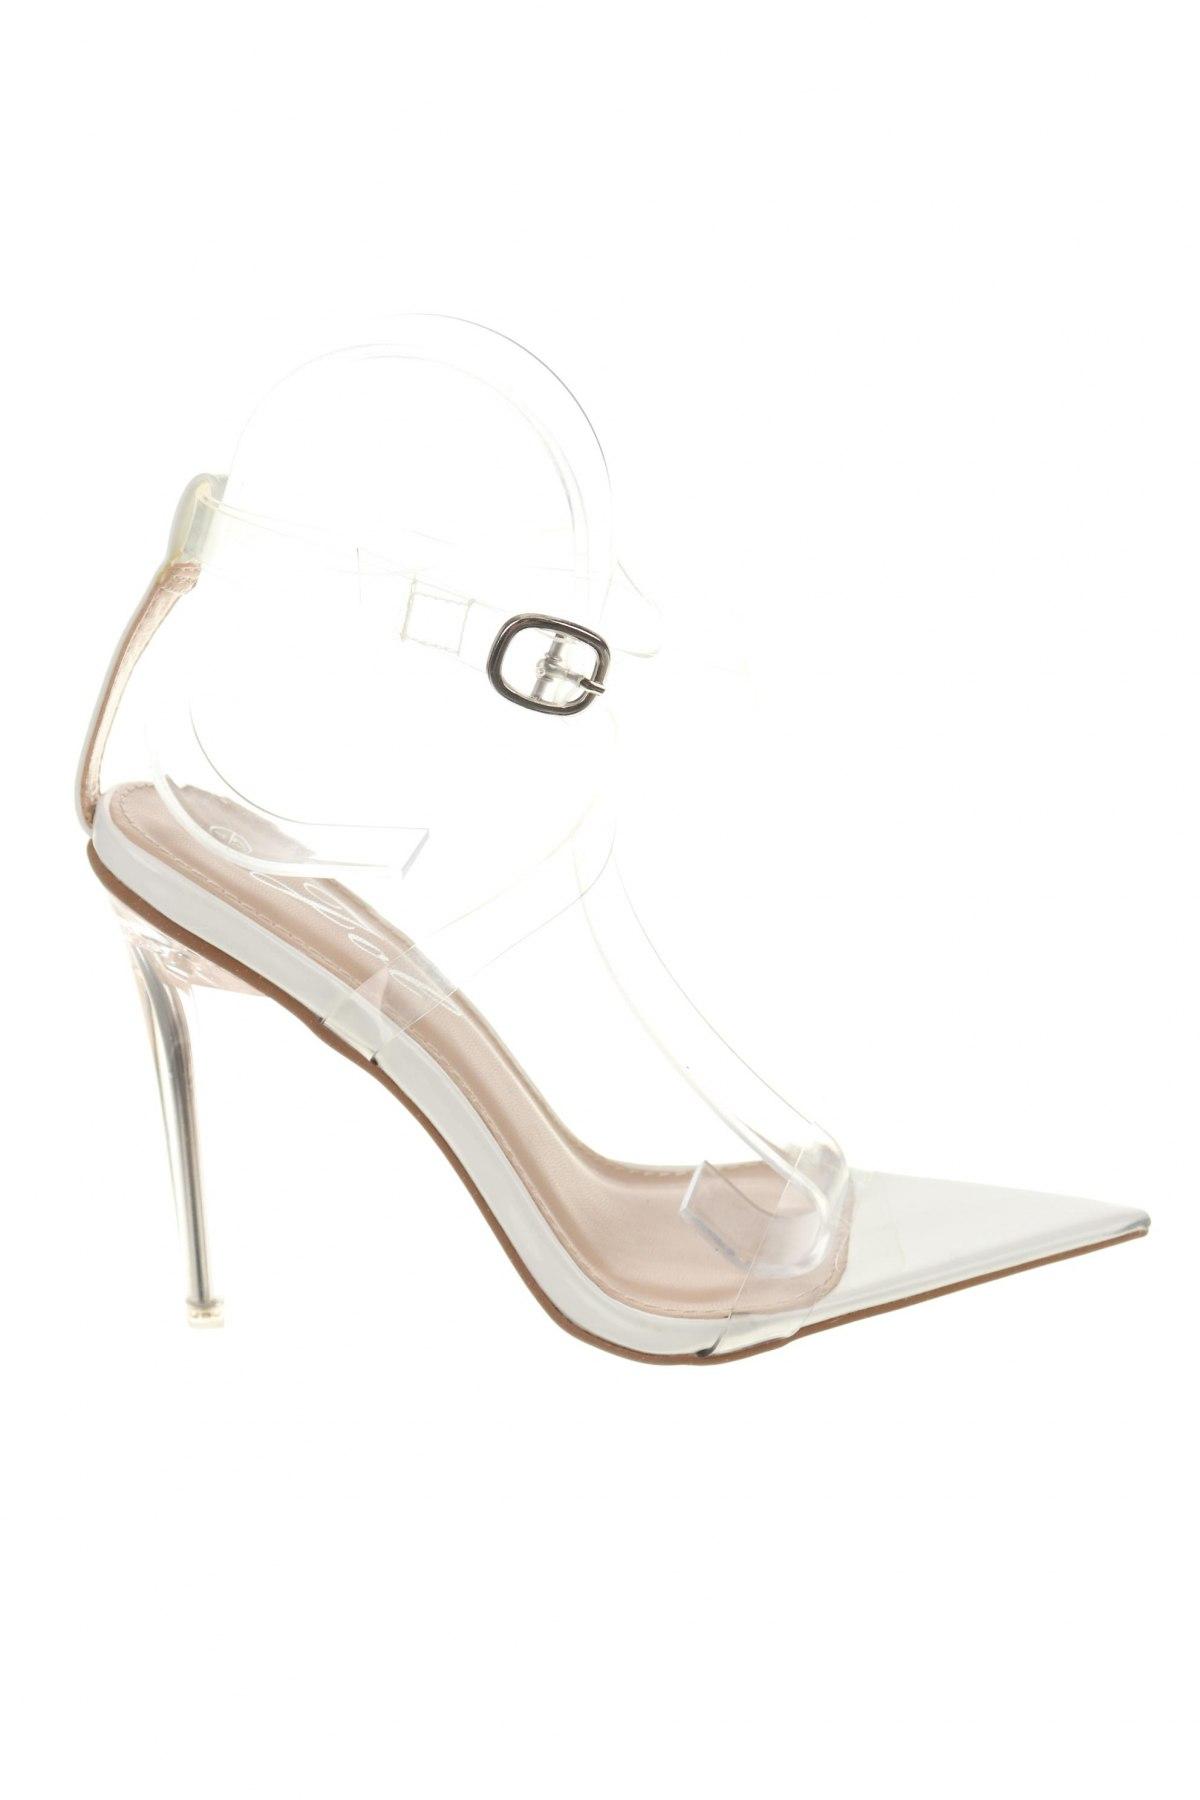 Σανδάλια, Μέγεθος 37, Χρώμα Λευκό, Πολυουρεθάνης, Τιμή 14,60€